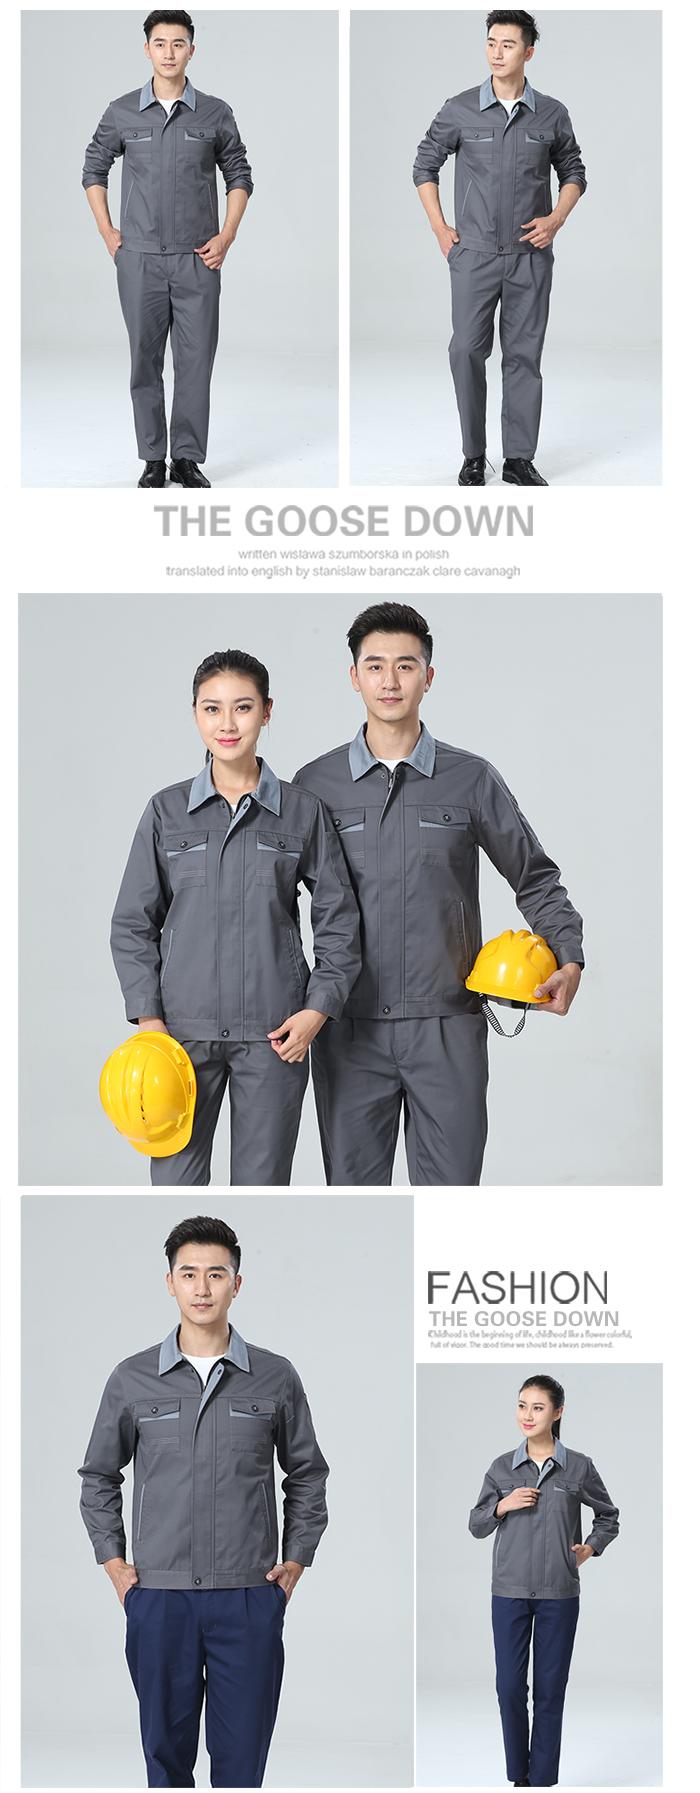 模特展示铁灰色